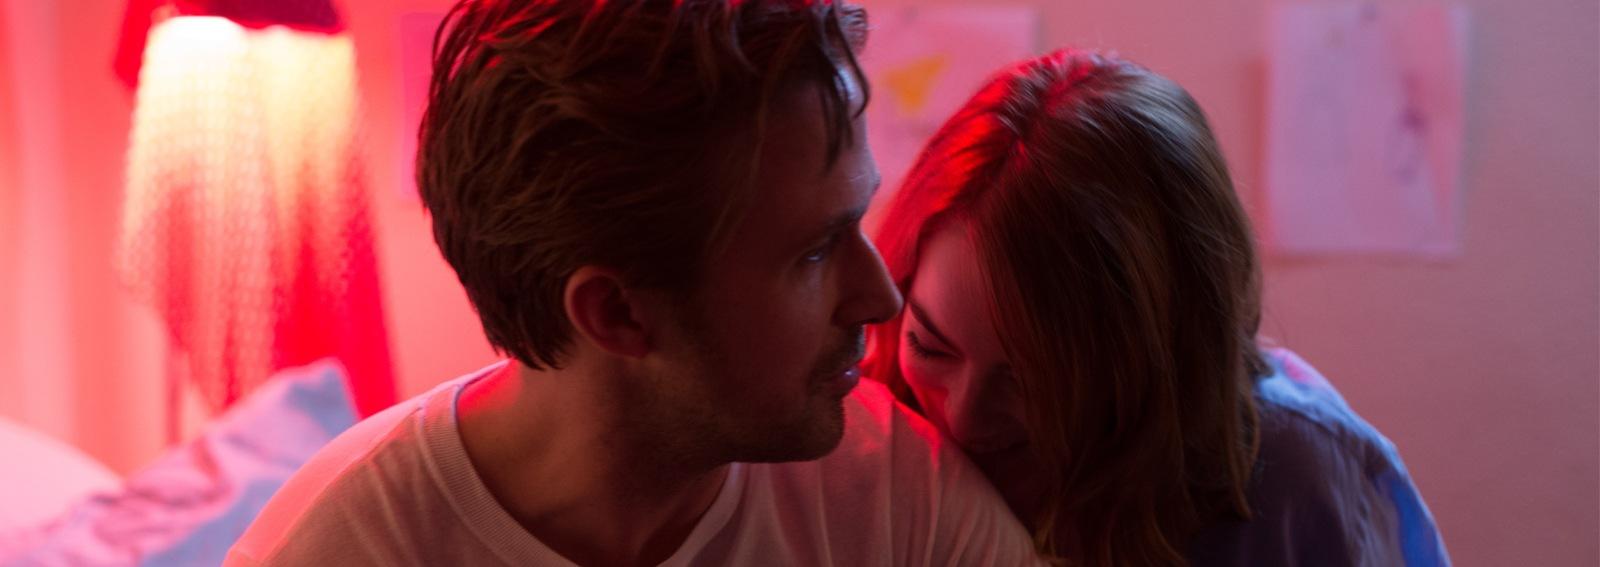 film romantici 2017_dekstop